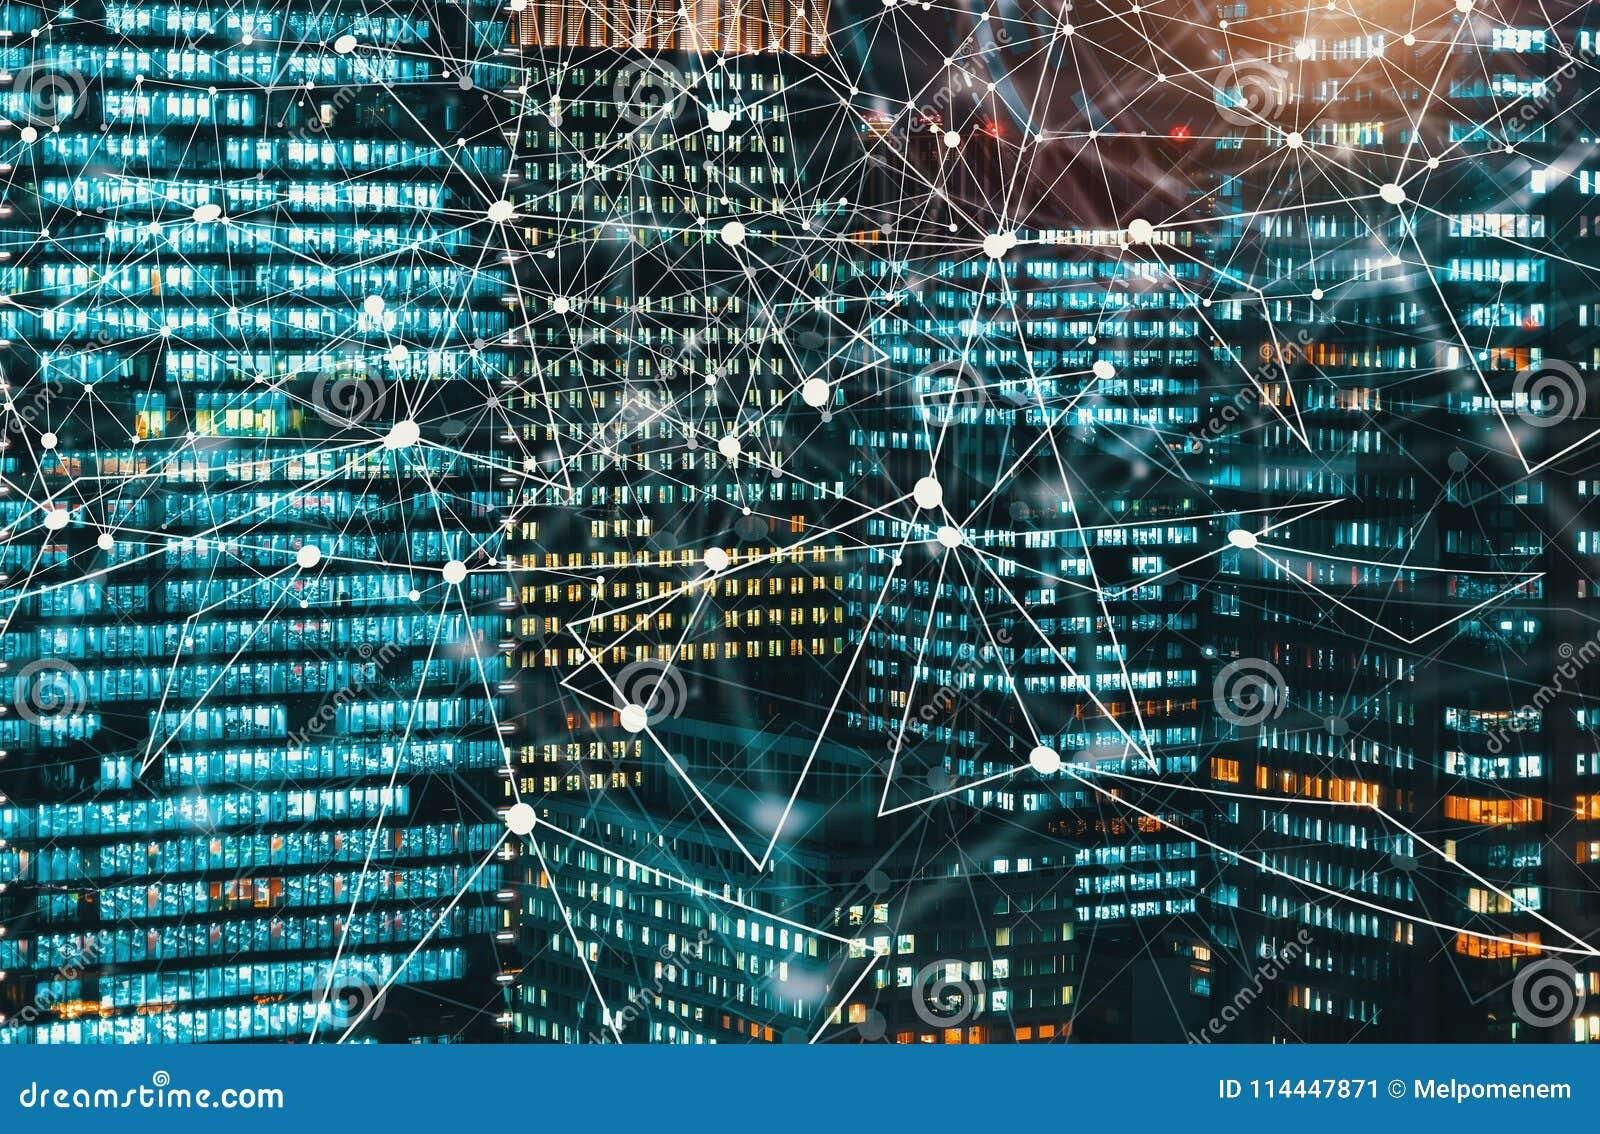 Cercle de technologie de Digital avec des gratte-ciel illuminés la nuit